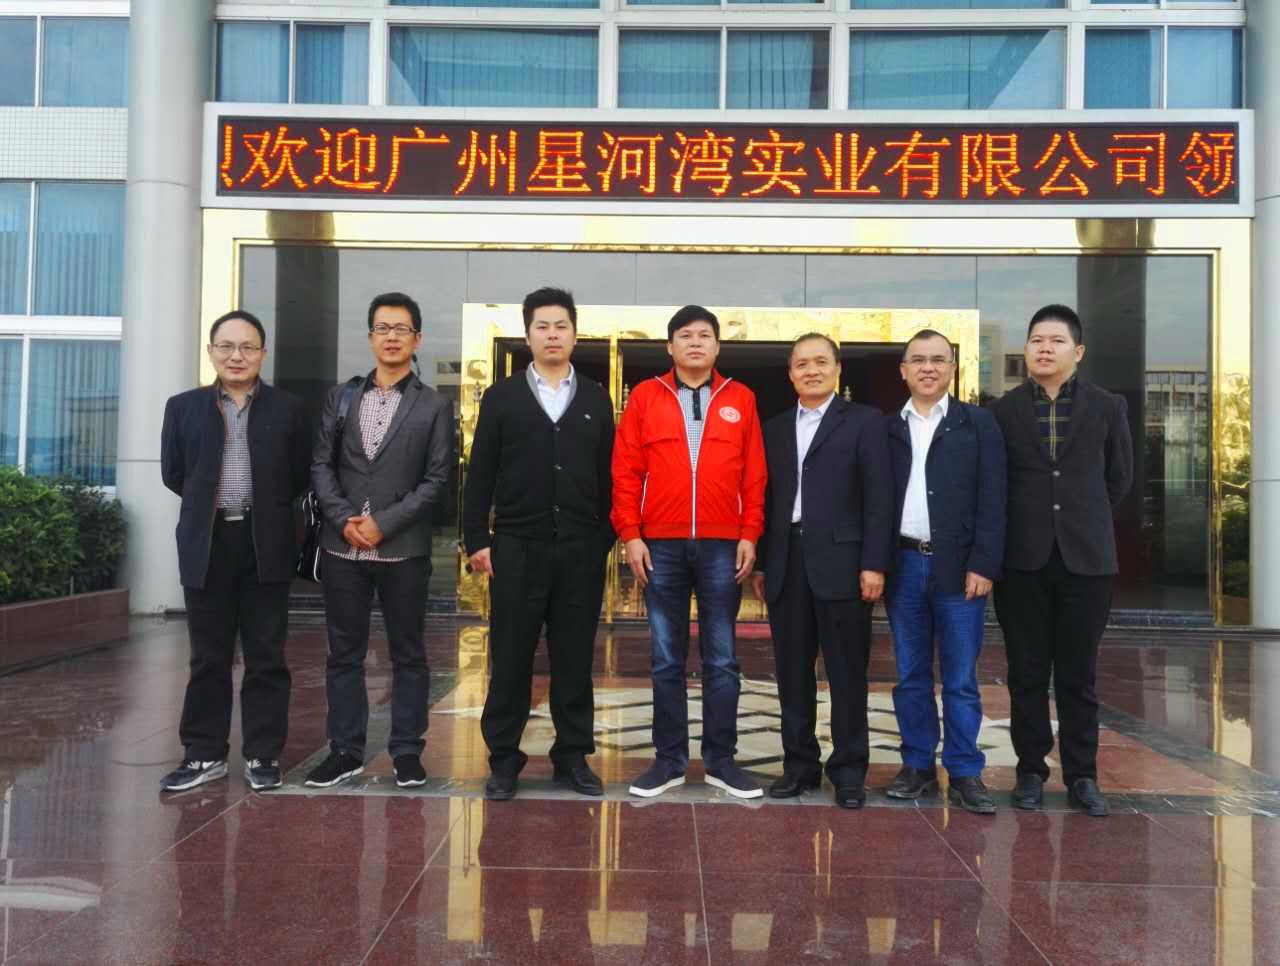 热烈欢迎广州星河湾实业发展有限公司领导一行莅临翔鹰化工